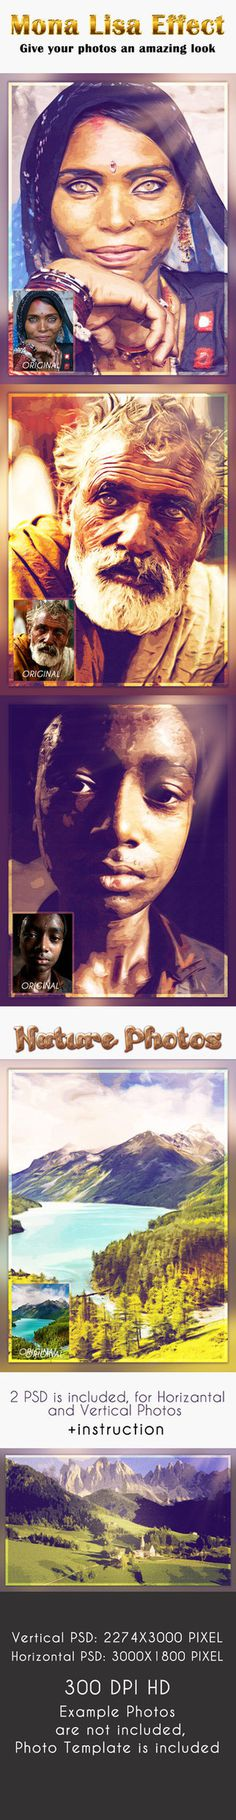 Mona Lisa Effect - Photo Template #mona #photo #effect #template #lisa